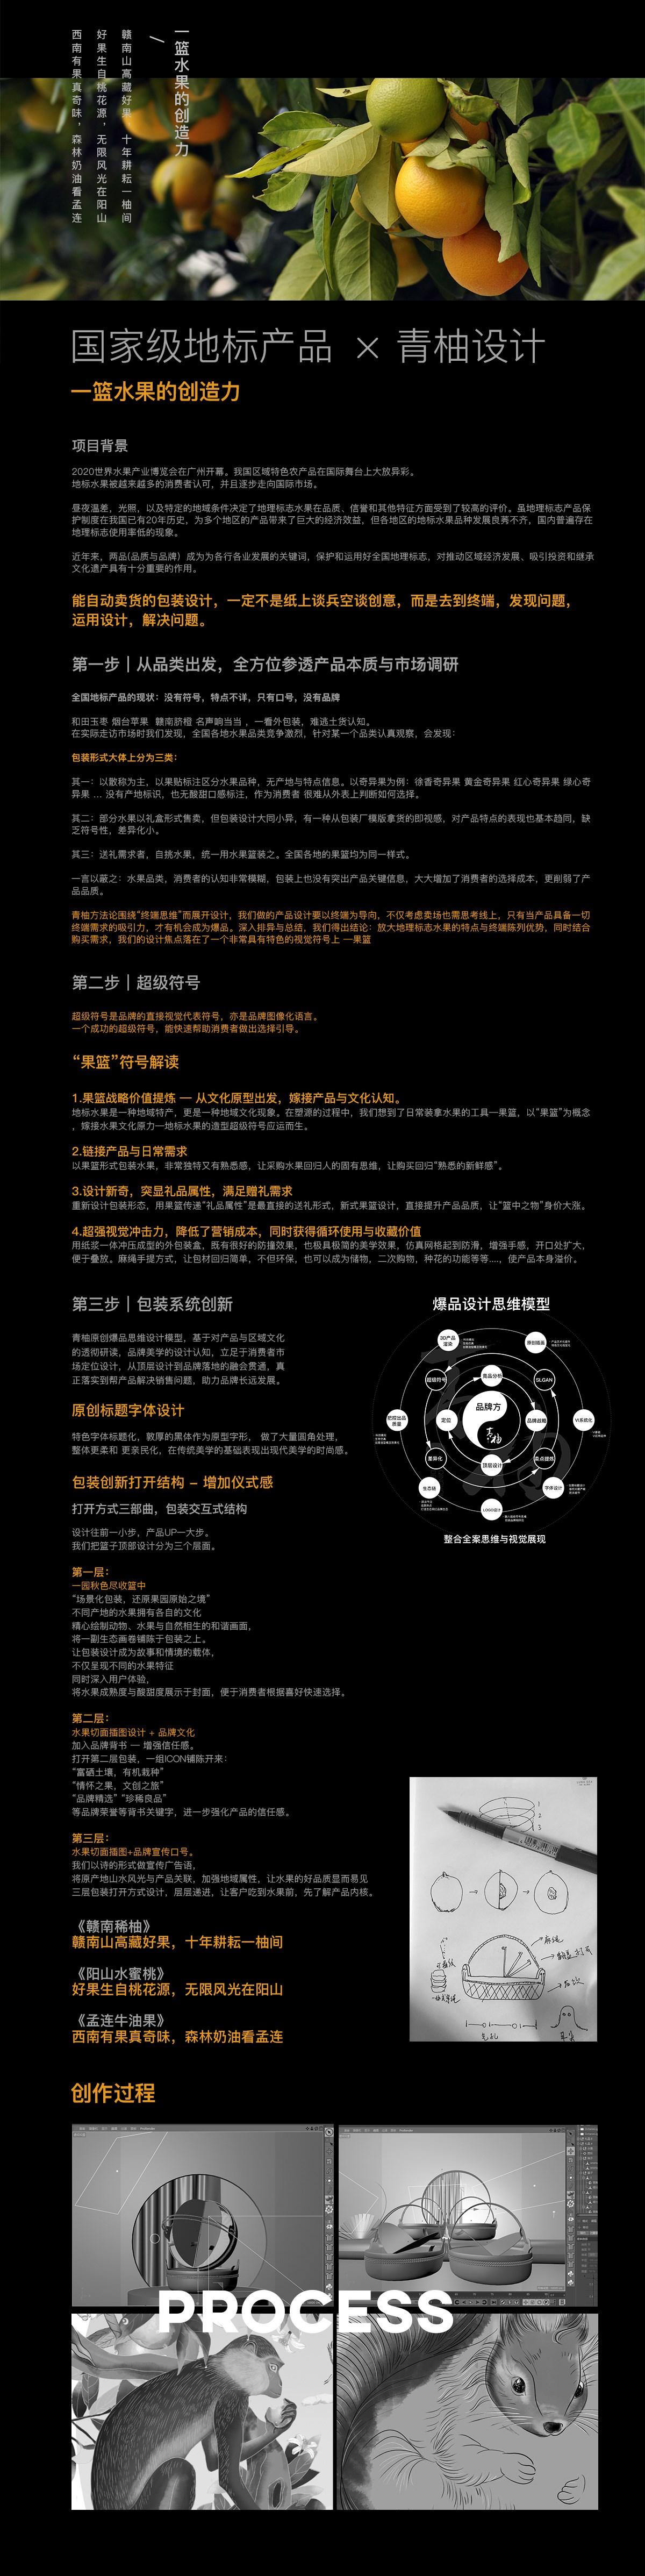 青柚設計 × 國家級地標產品 丨 一籃水果的創造力 !!!